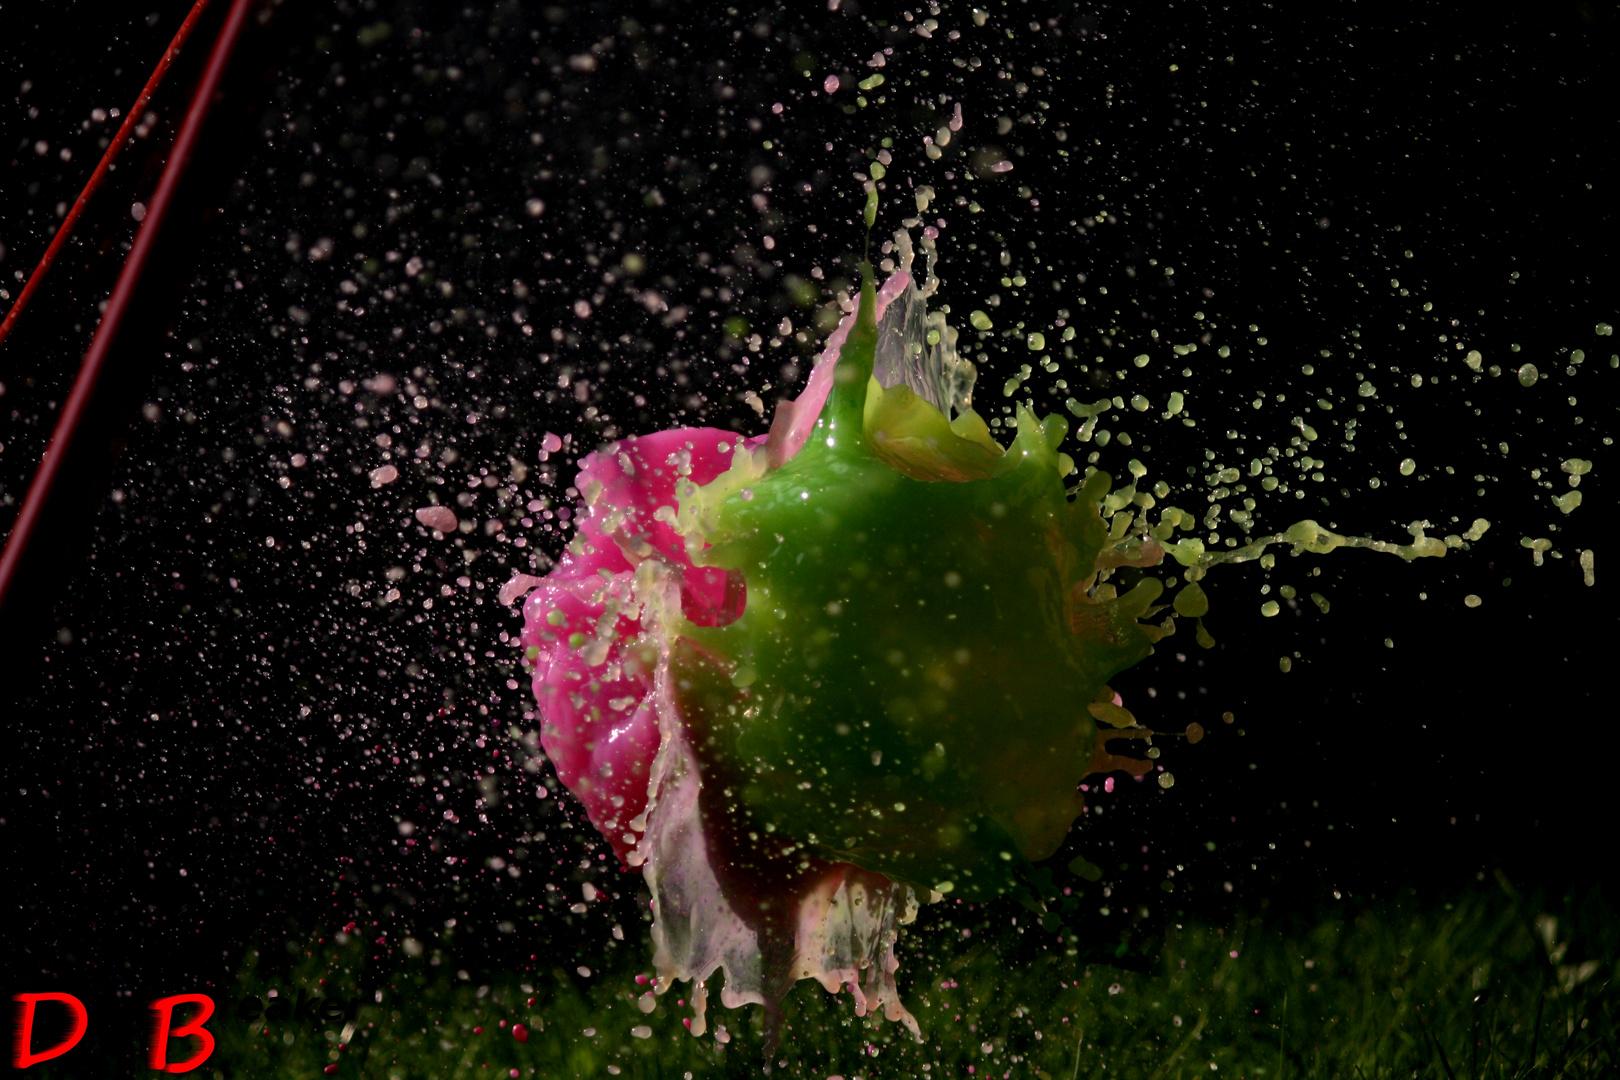 Water balloons splashing